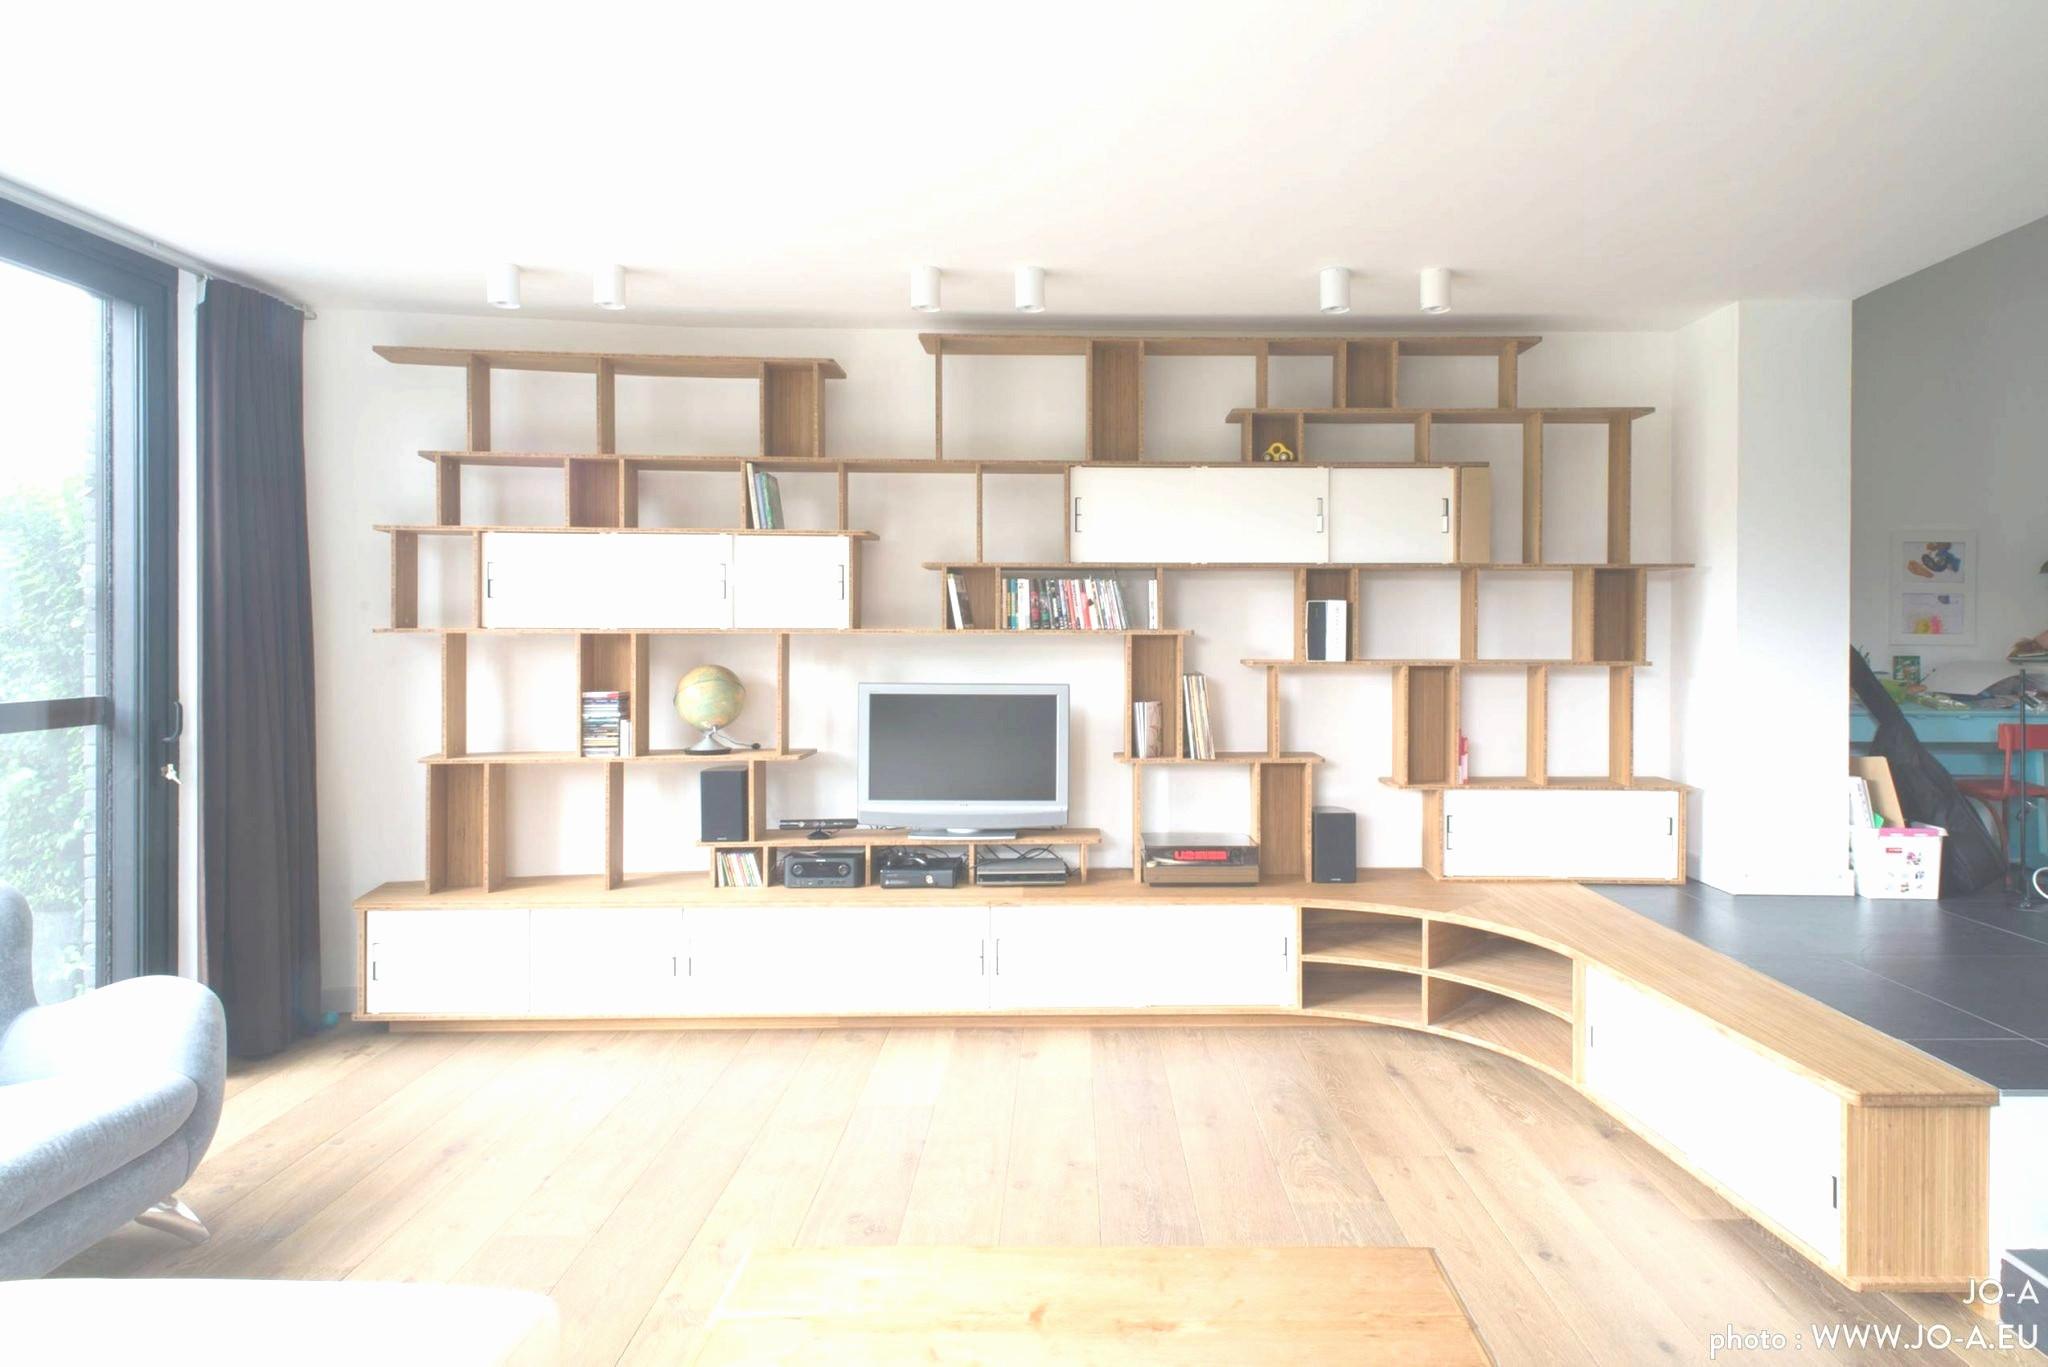 meuble tele suspendu meuble tv luxe meuble tv suspendu etagere suspendu 0d archives of meuble tele suspendu